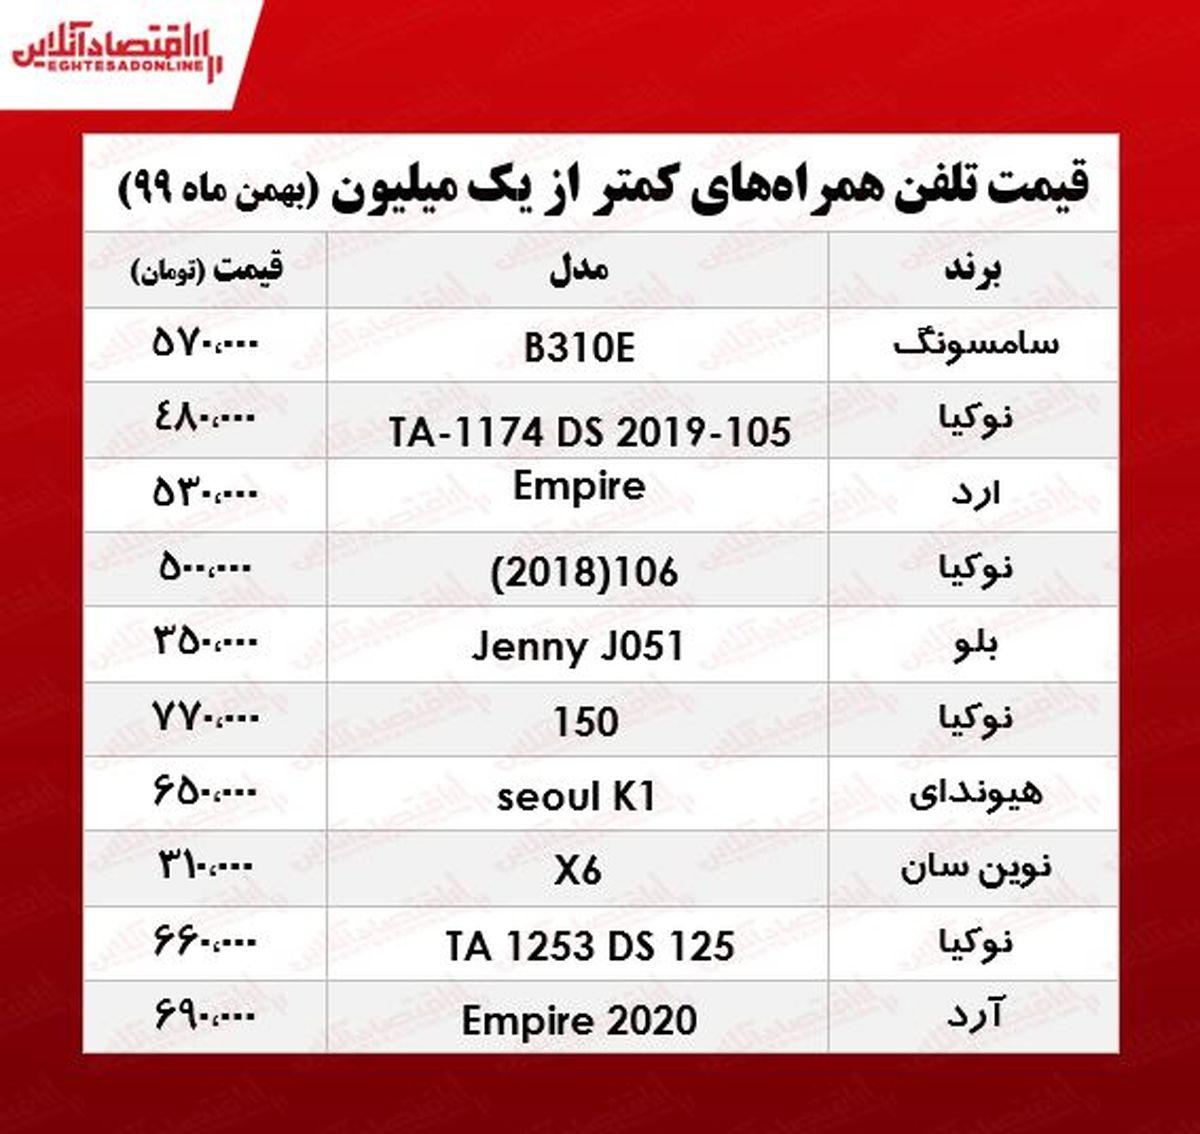 قیمت موبایل (محدوده ۱میلیون تومان)/ ۴بهمن ۹۹